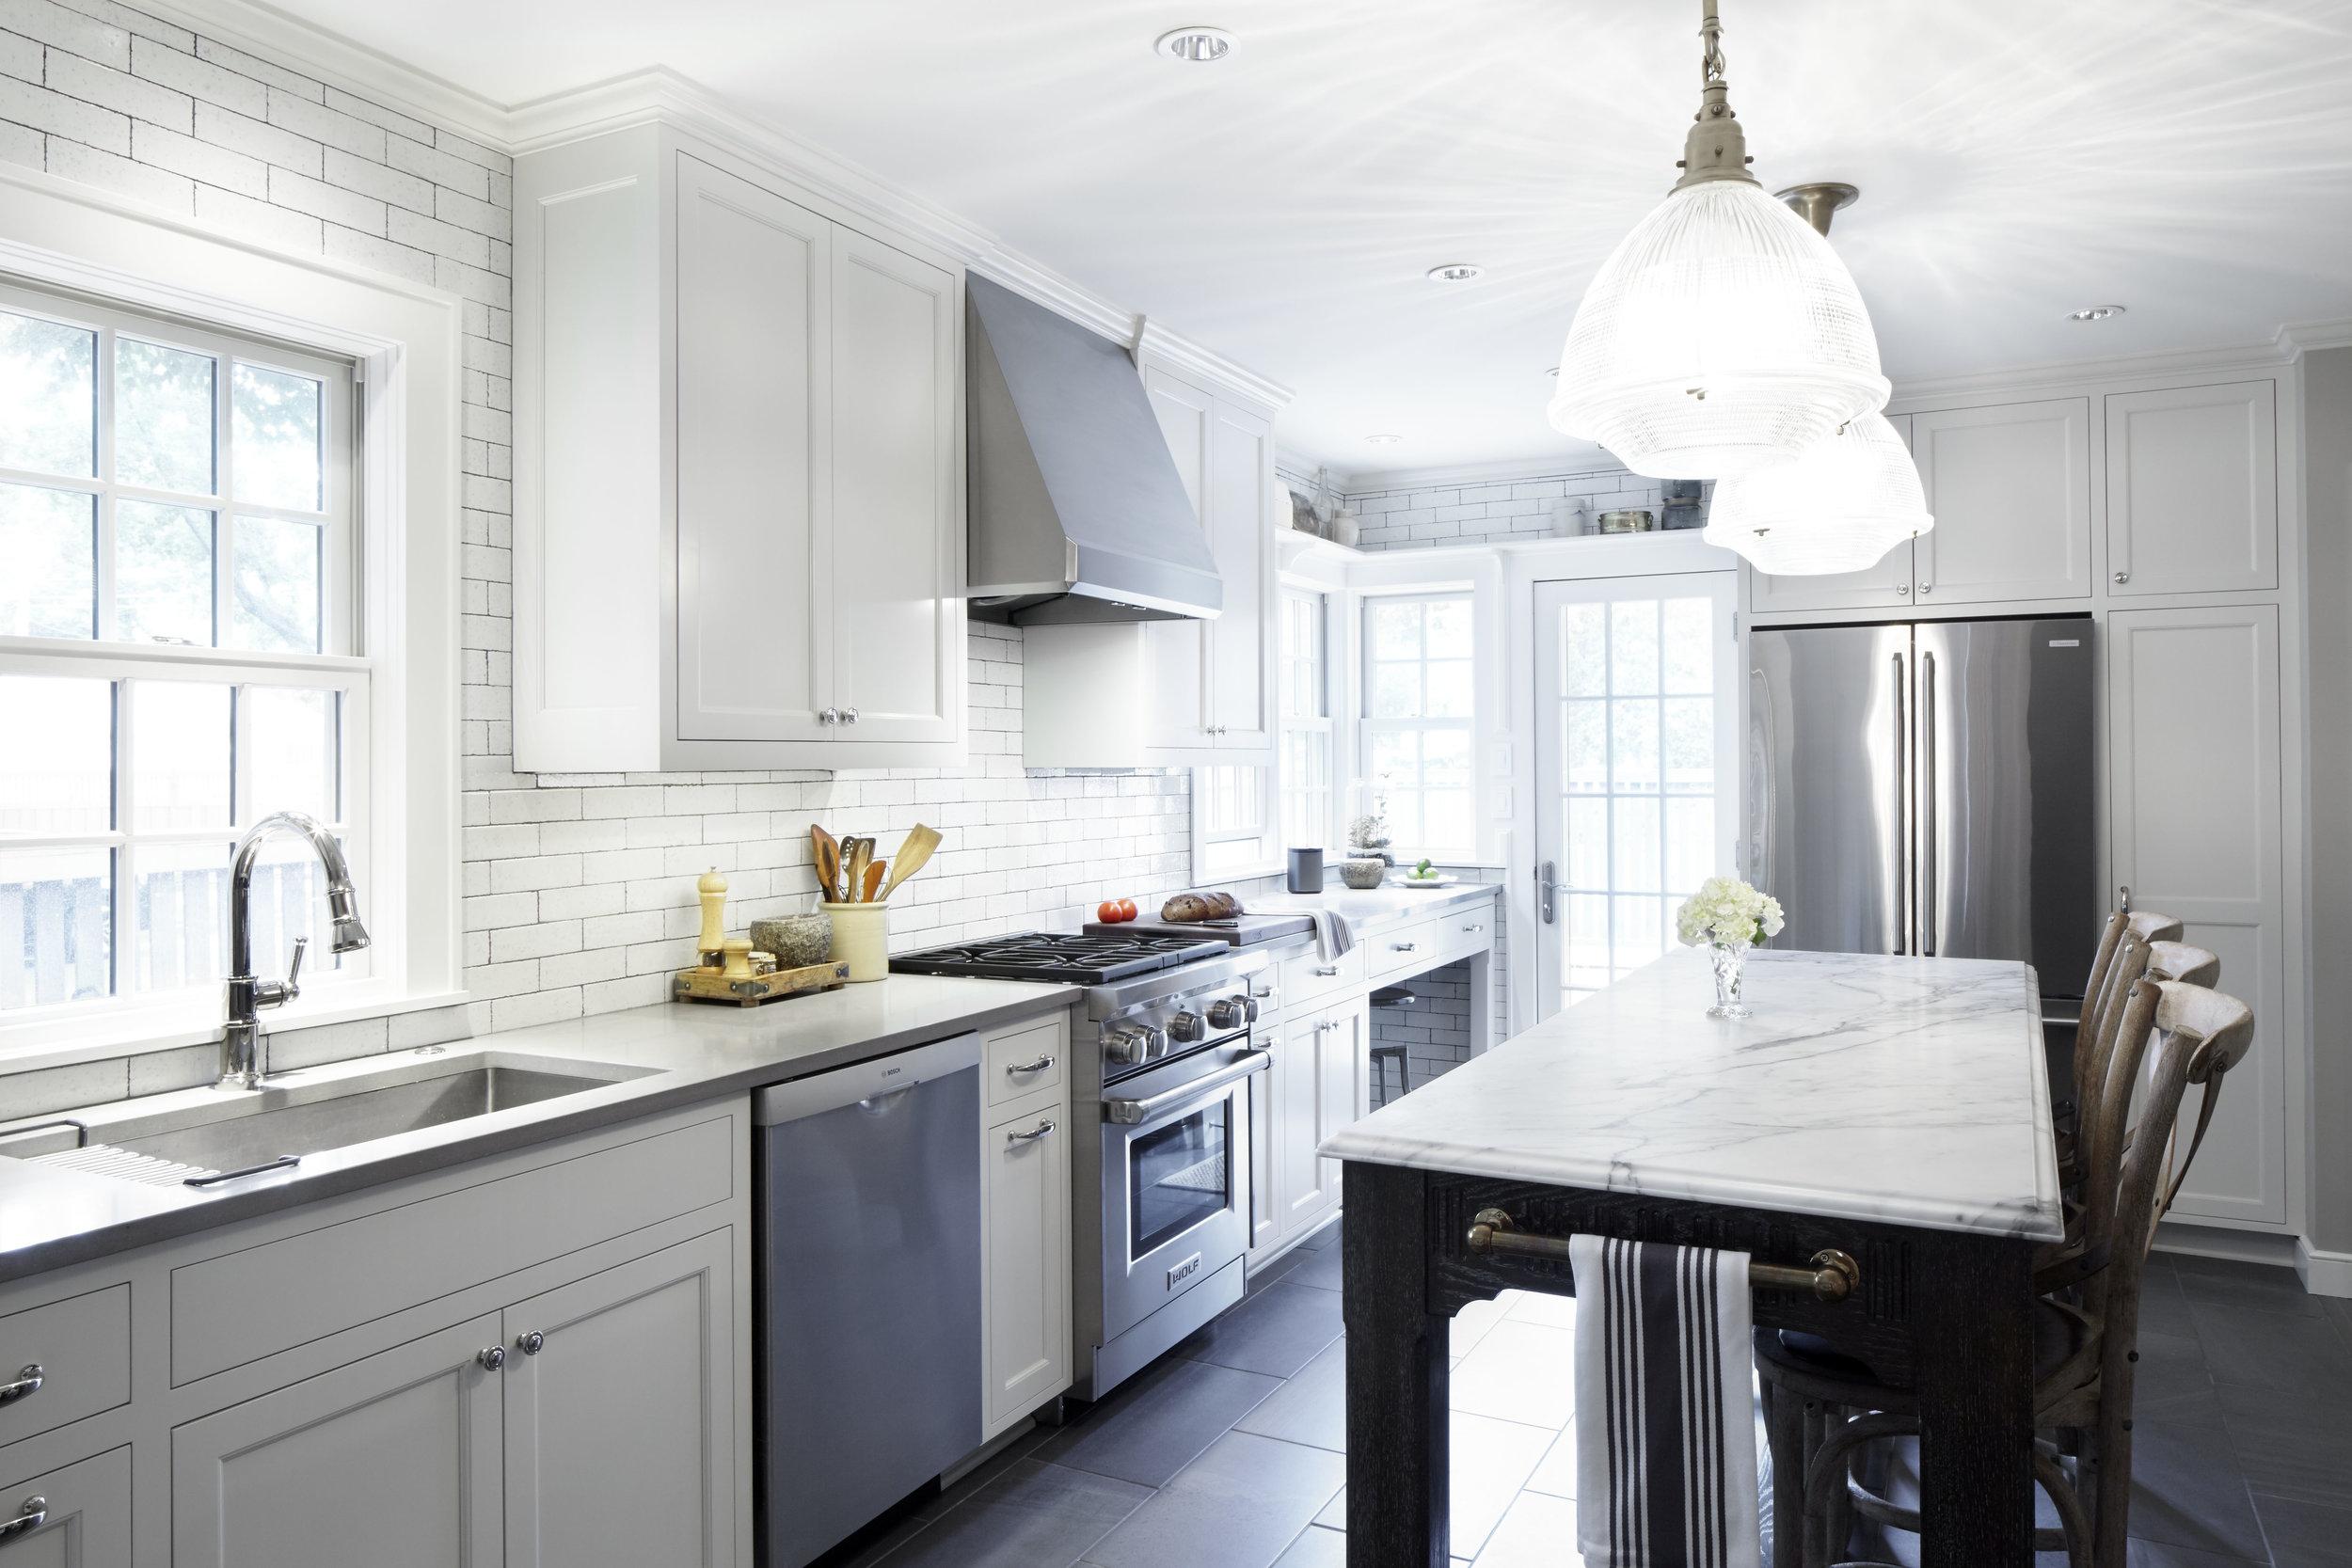 kitchen3-047.jpg